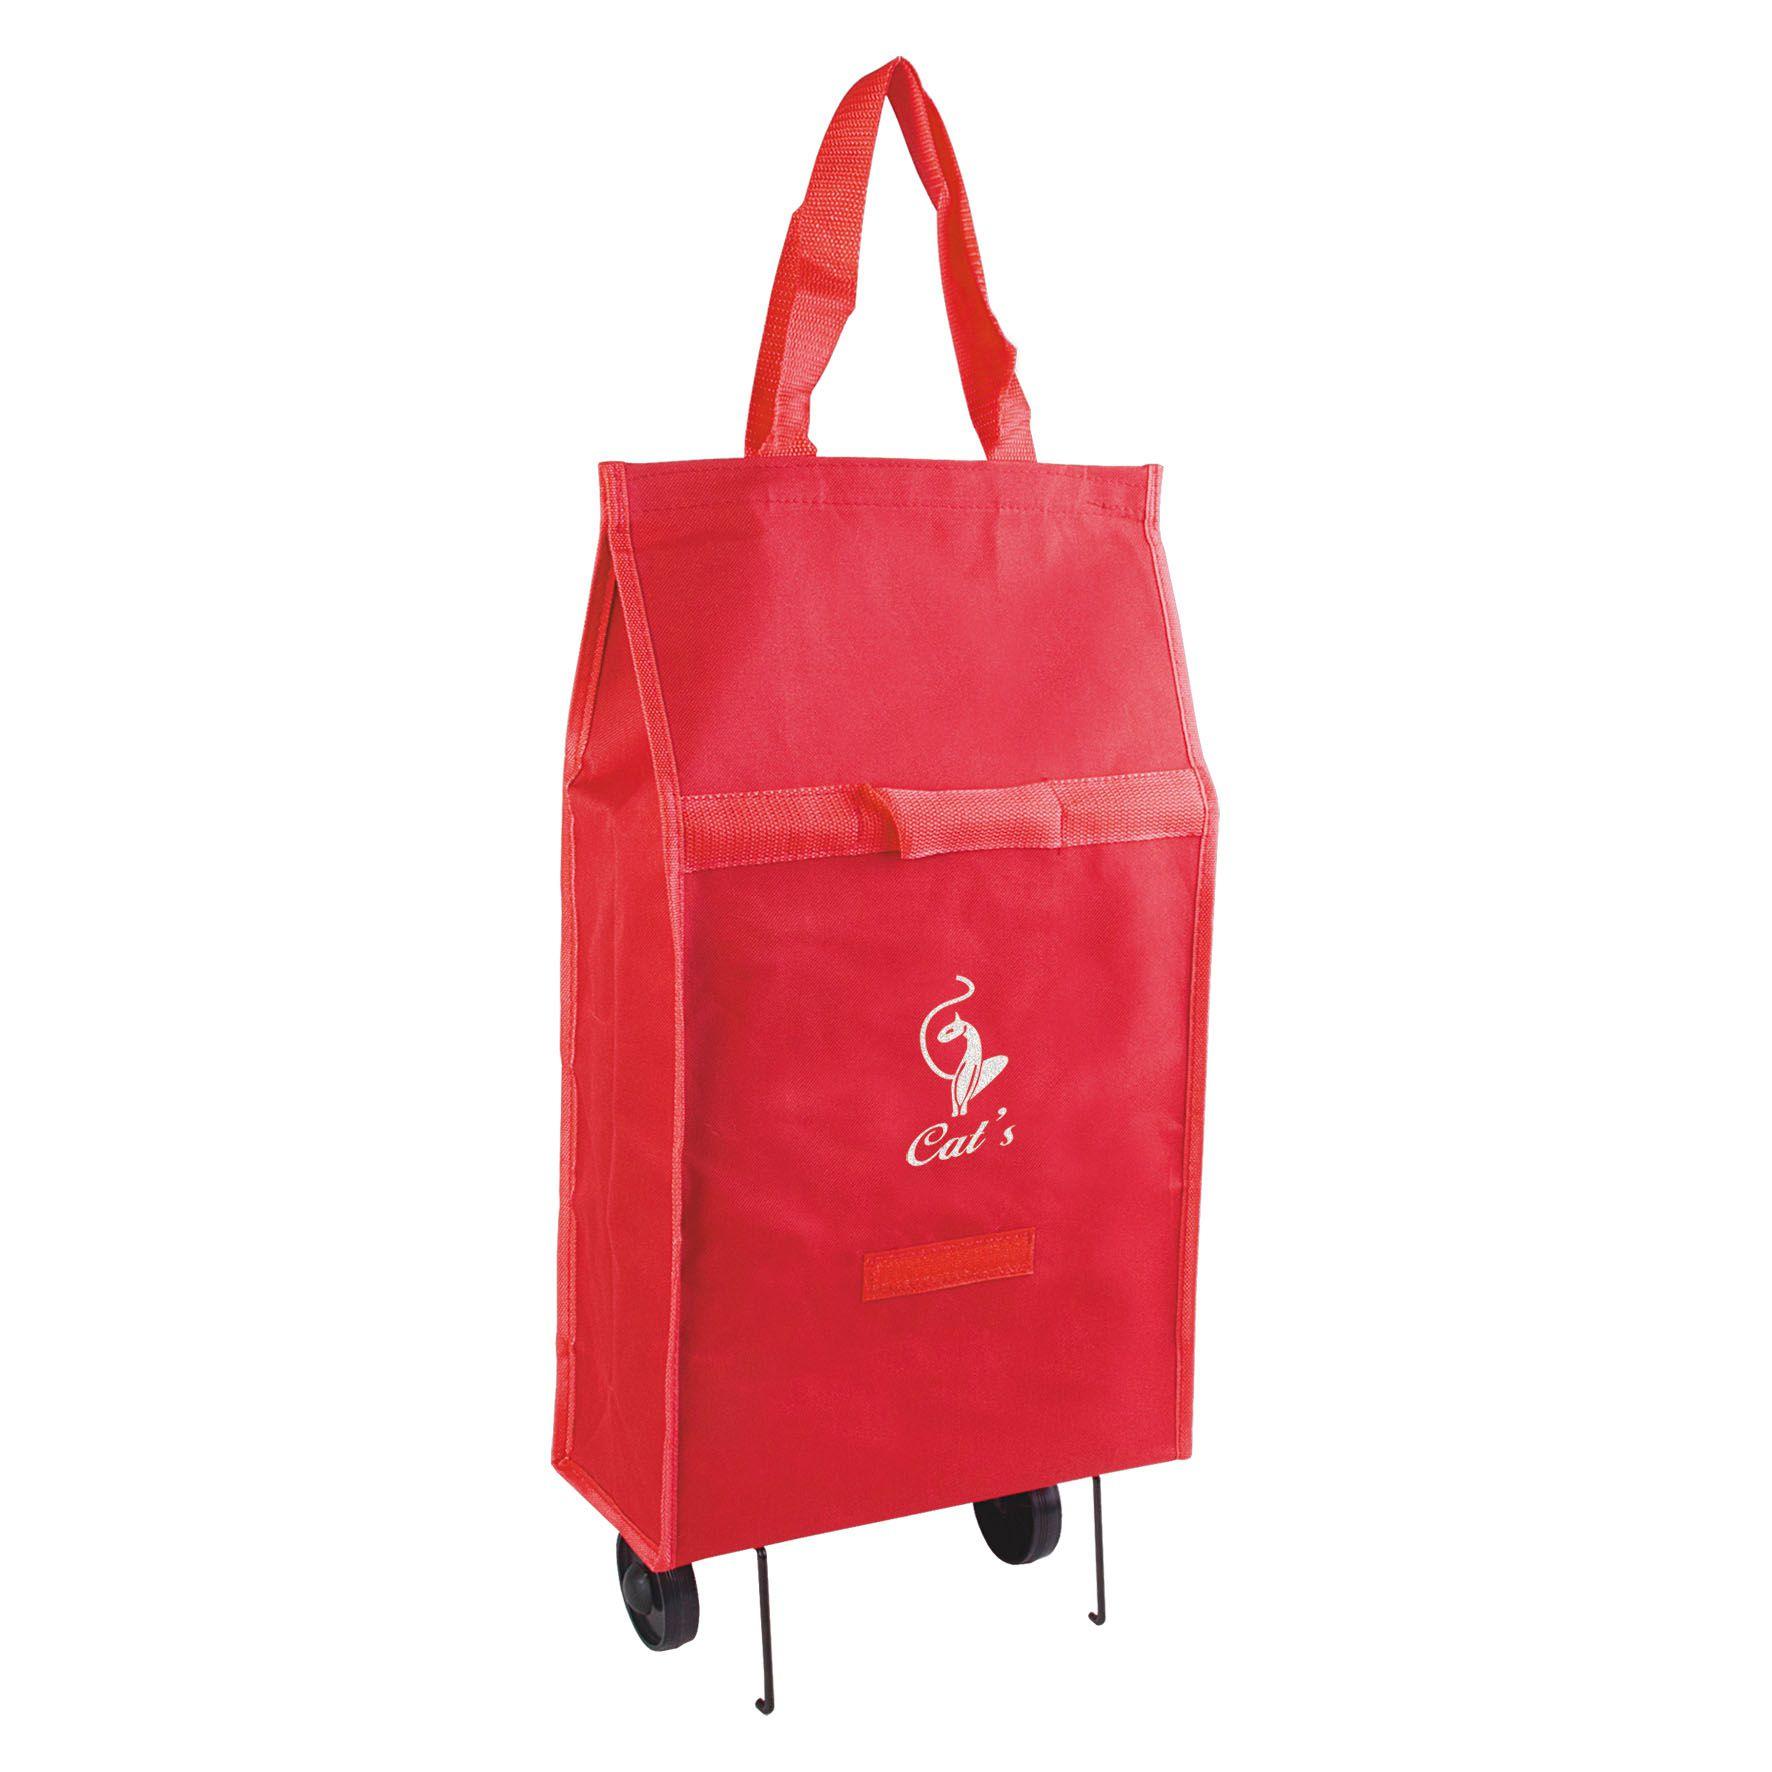 Sac shopping publicitaire - Chariot caddie publicitaire à roulettes - rouge